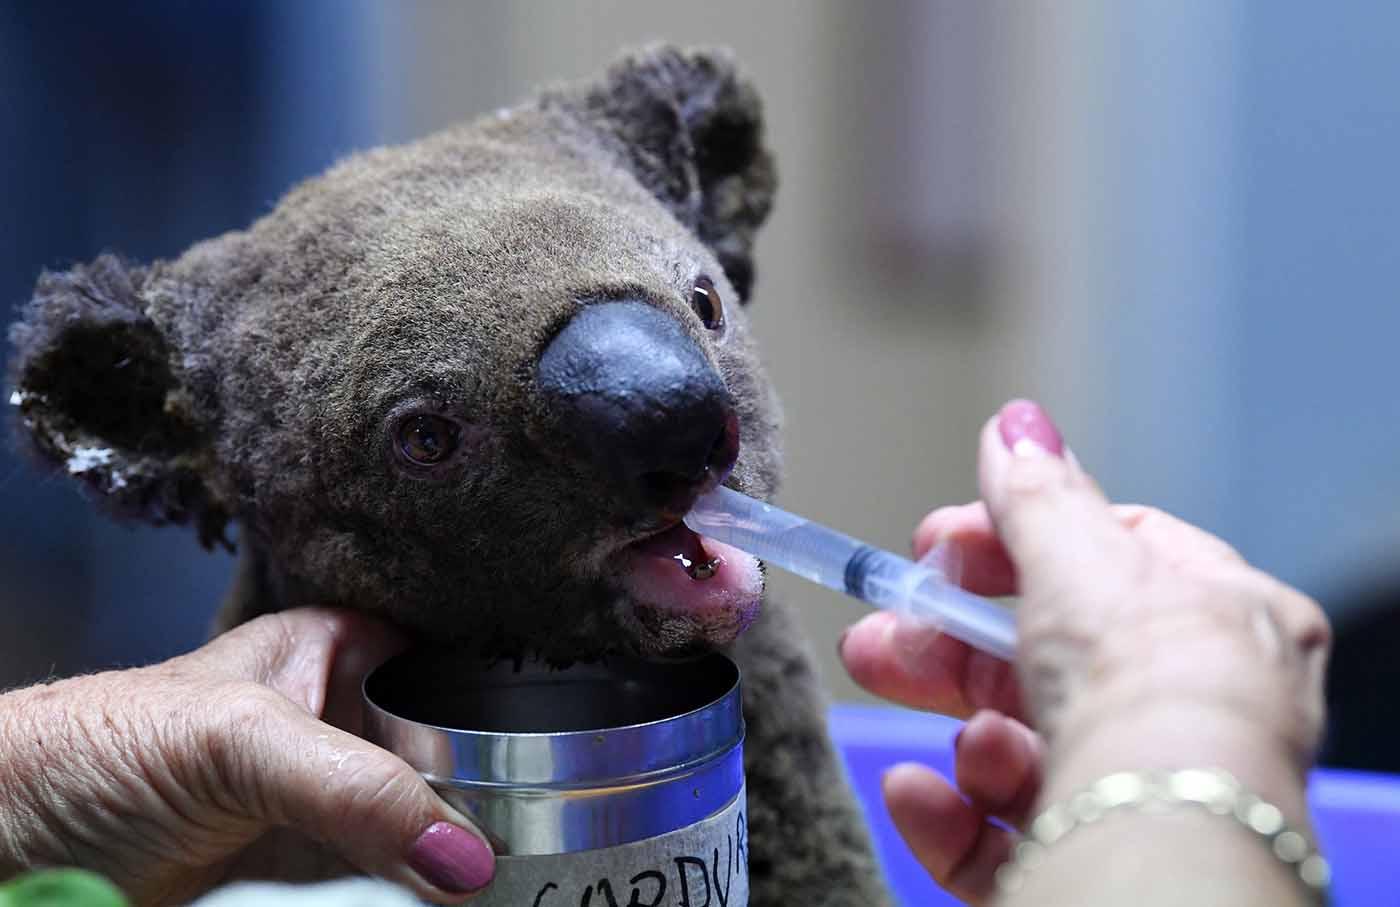 Avustralya yangınları nedeniyle koalaların üçte biri yok oldu